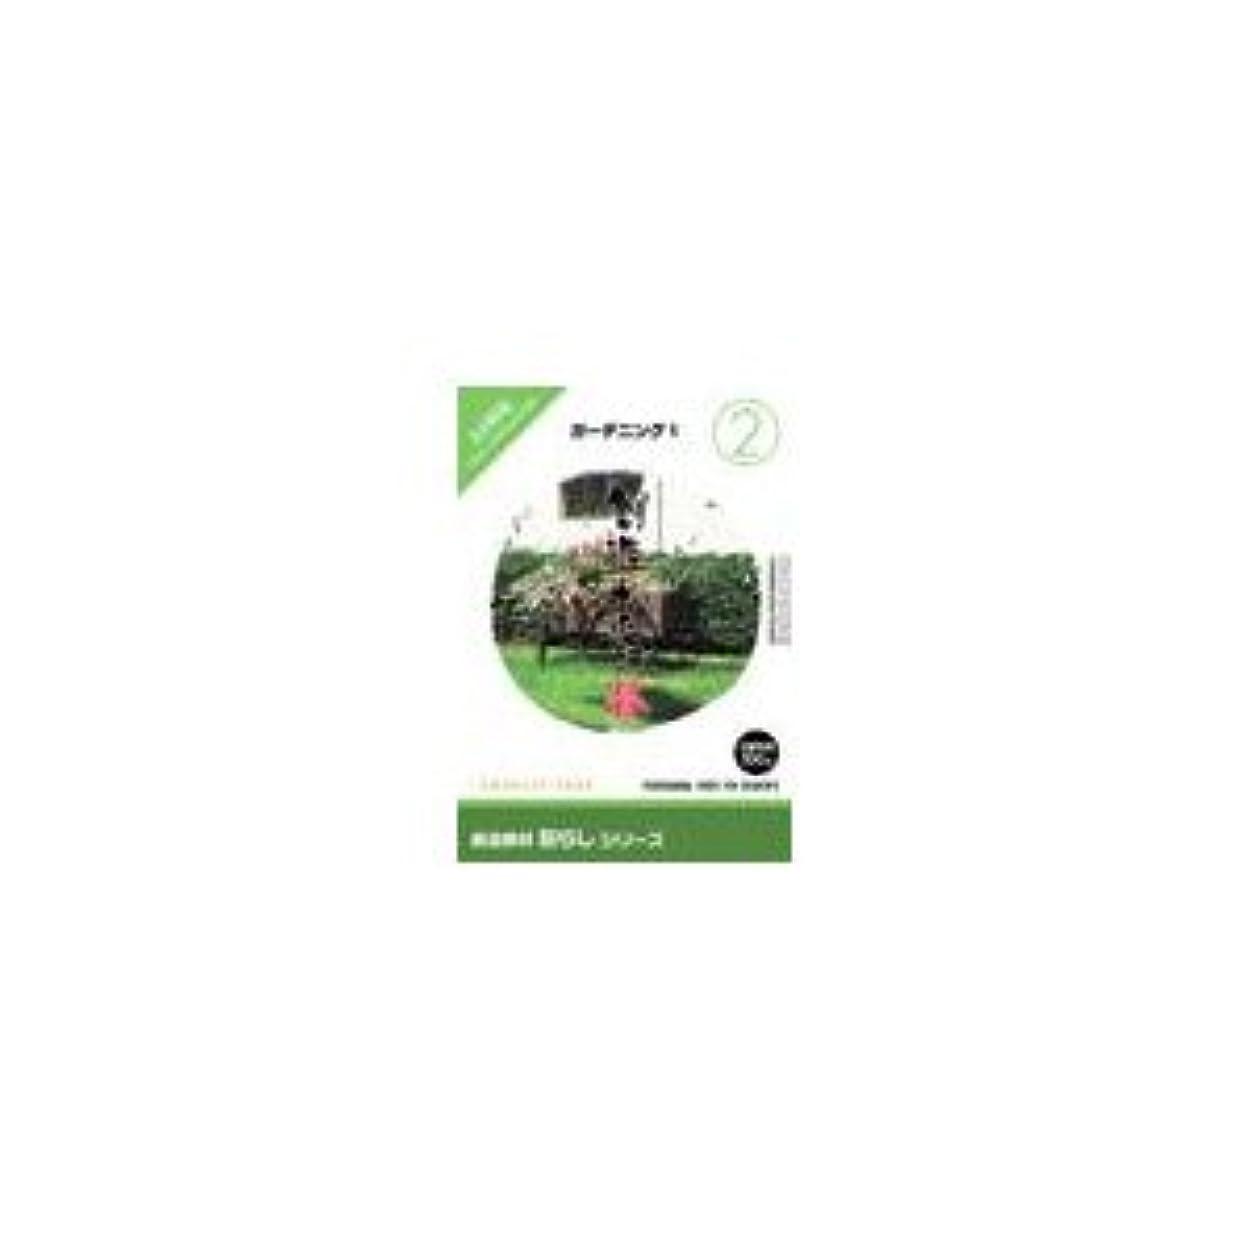 コンドーム勇者タール写真素材 創造素材 創造素材 暮らしシリーズ (2) ガーデニング1